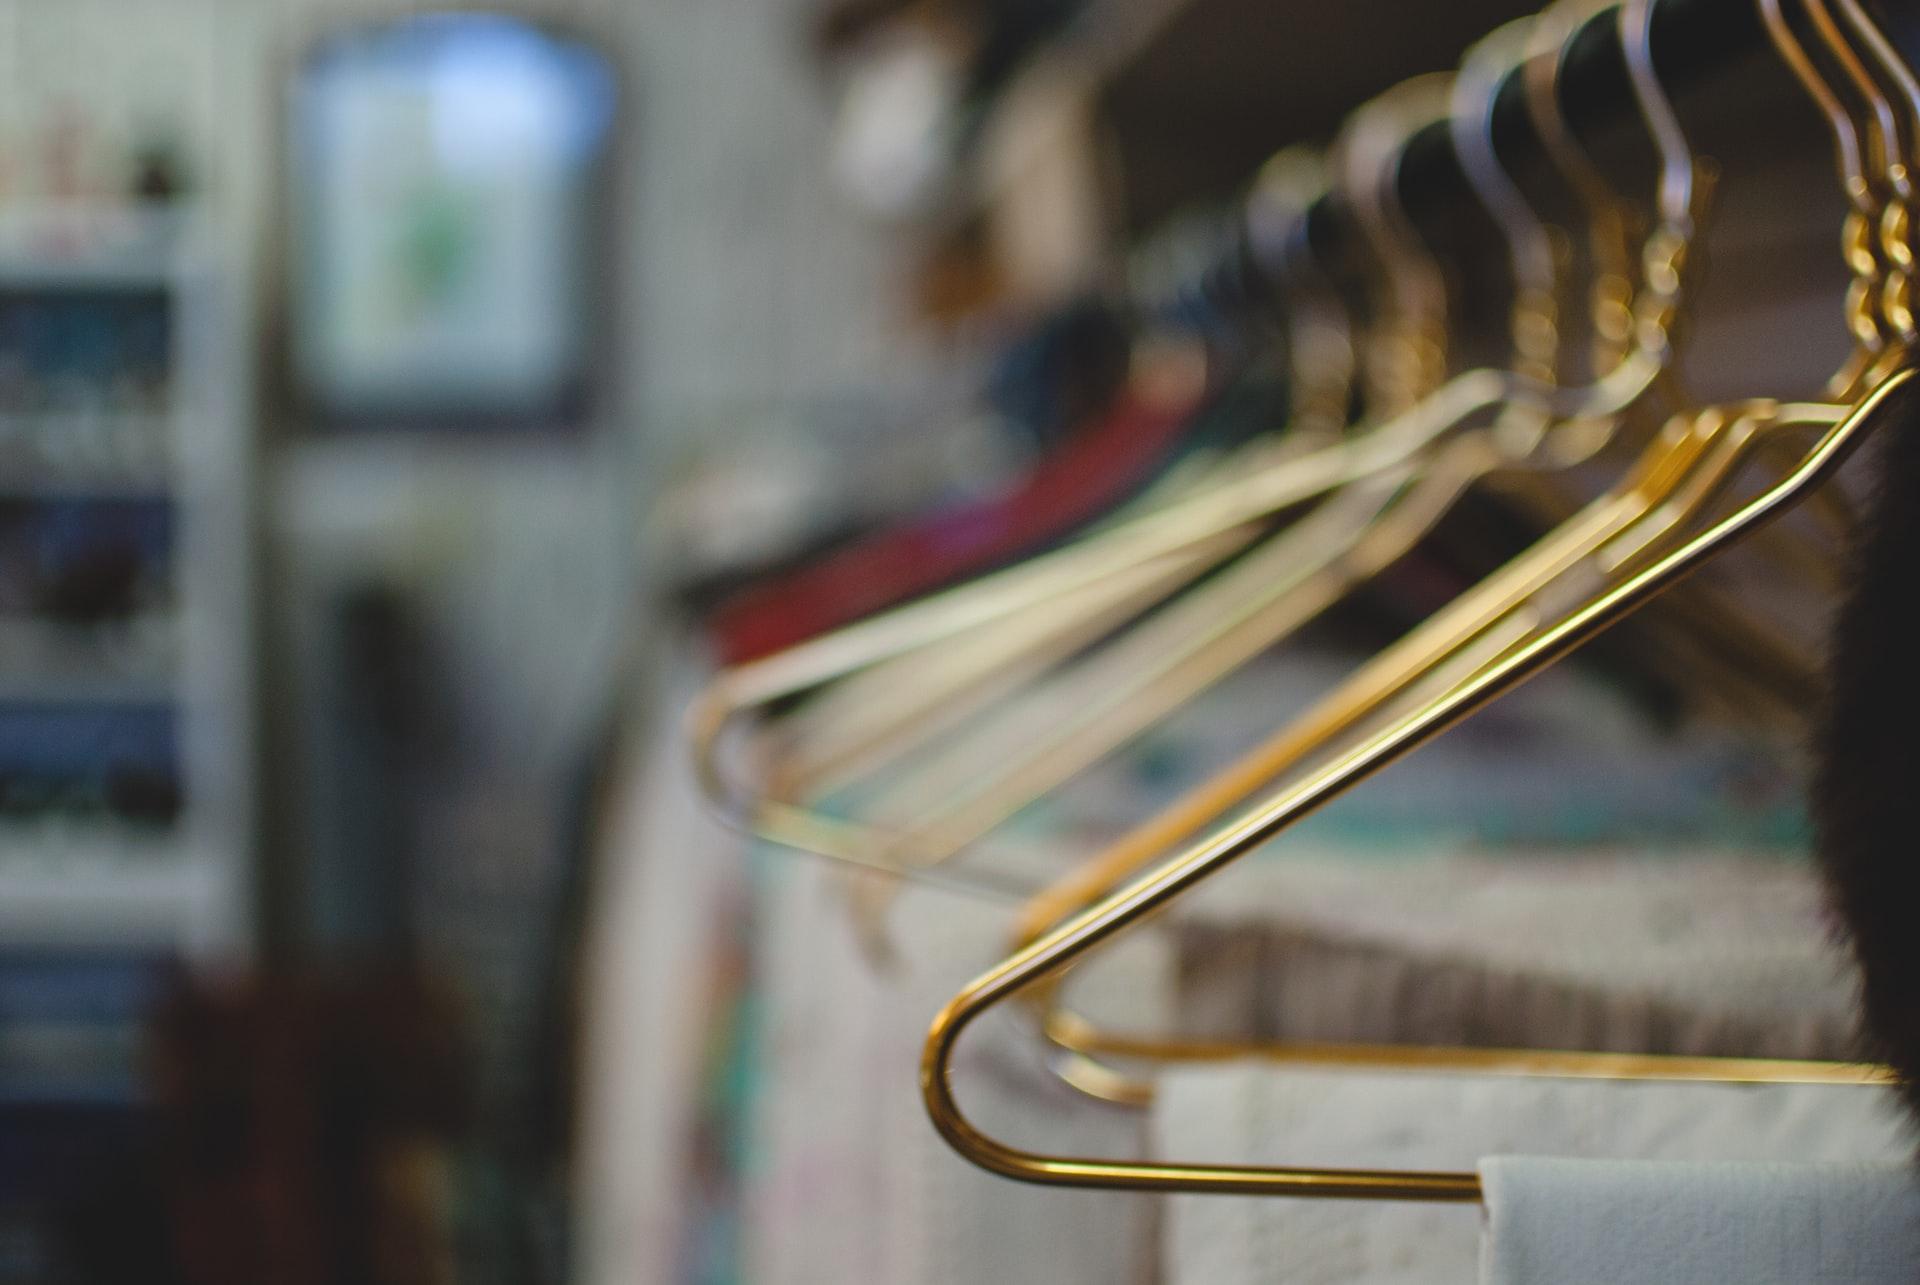 「フェアトレードファッション」とは適正な価格で取引された衣料品のこと